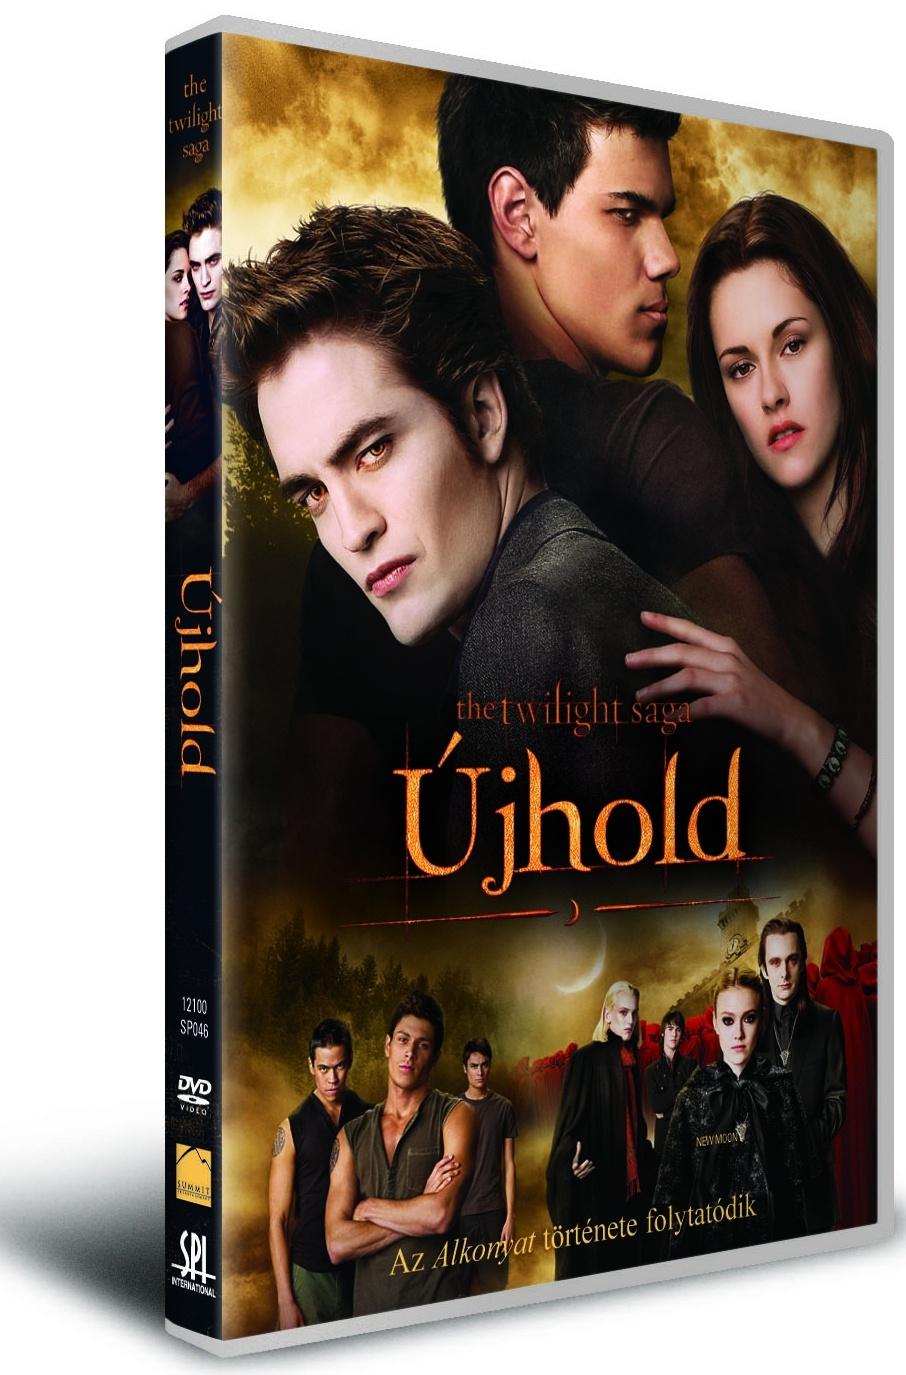 The Twilight Saga: Újhold – DVD és Blu-ray megjelenés